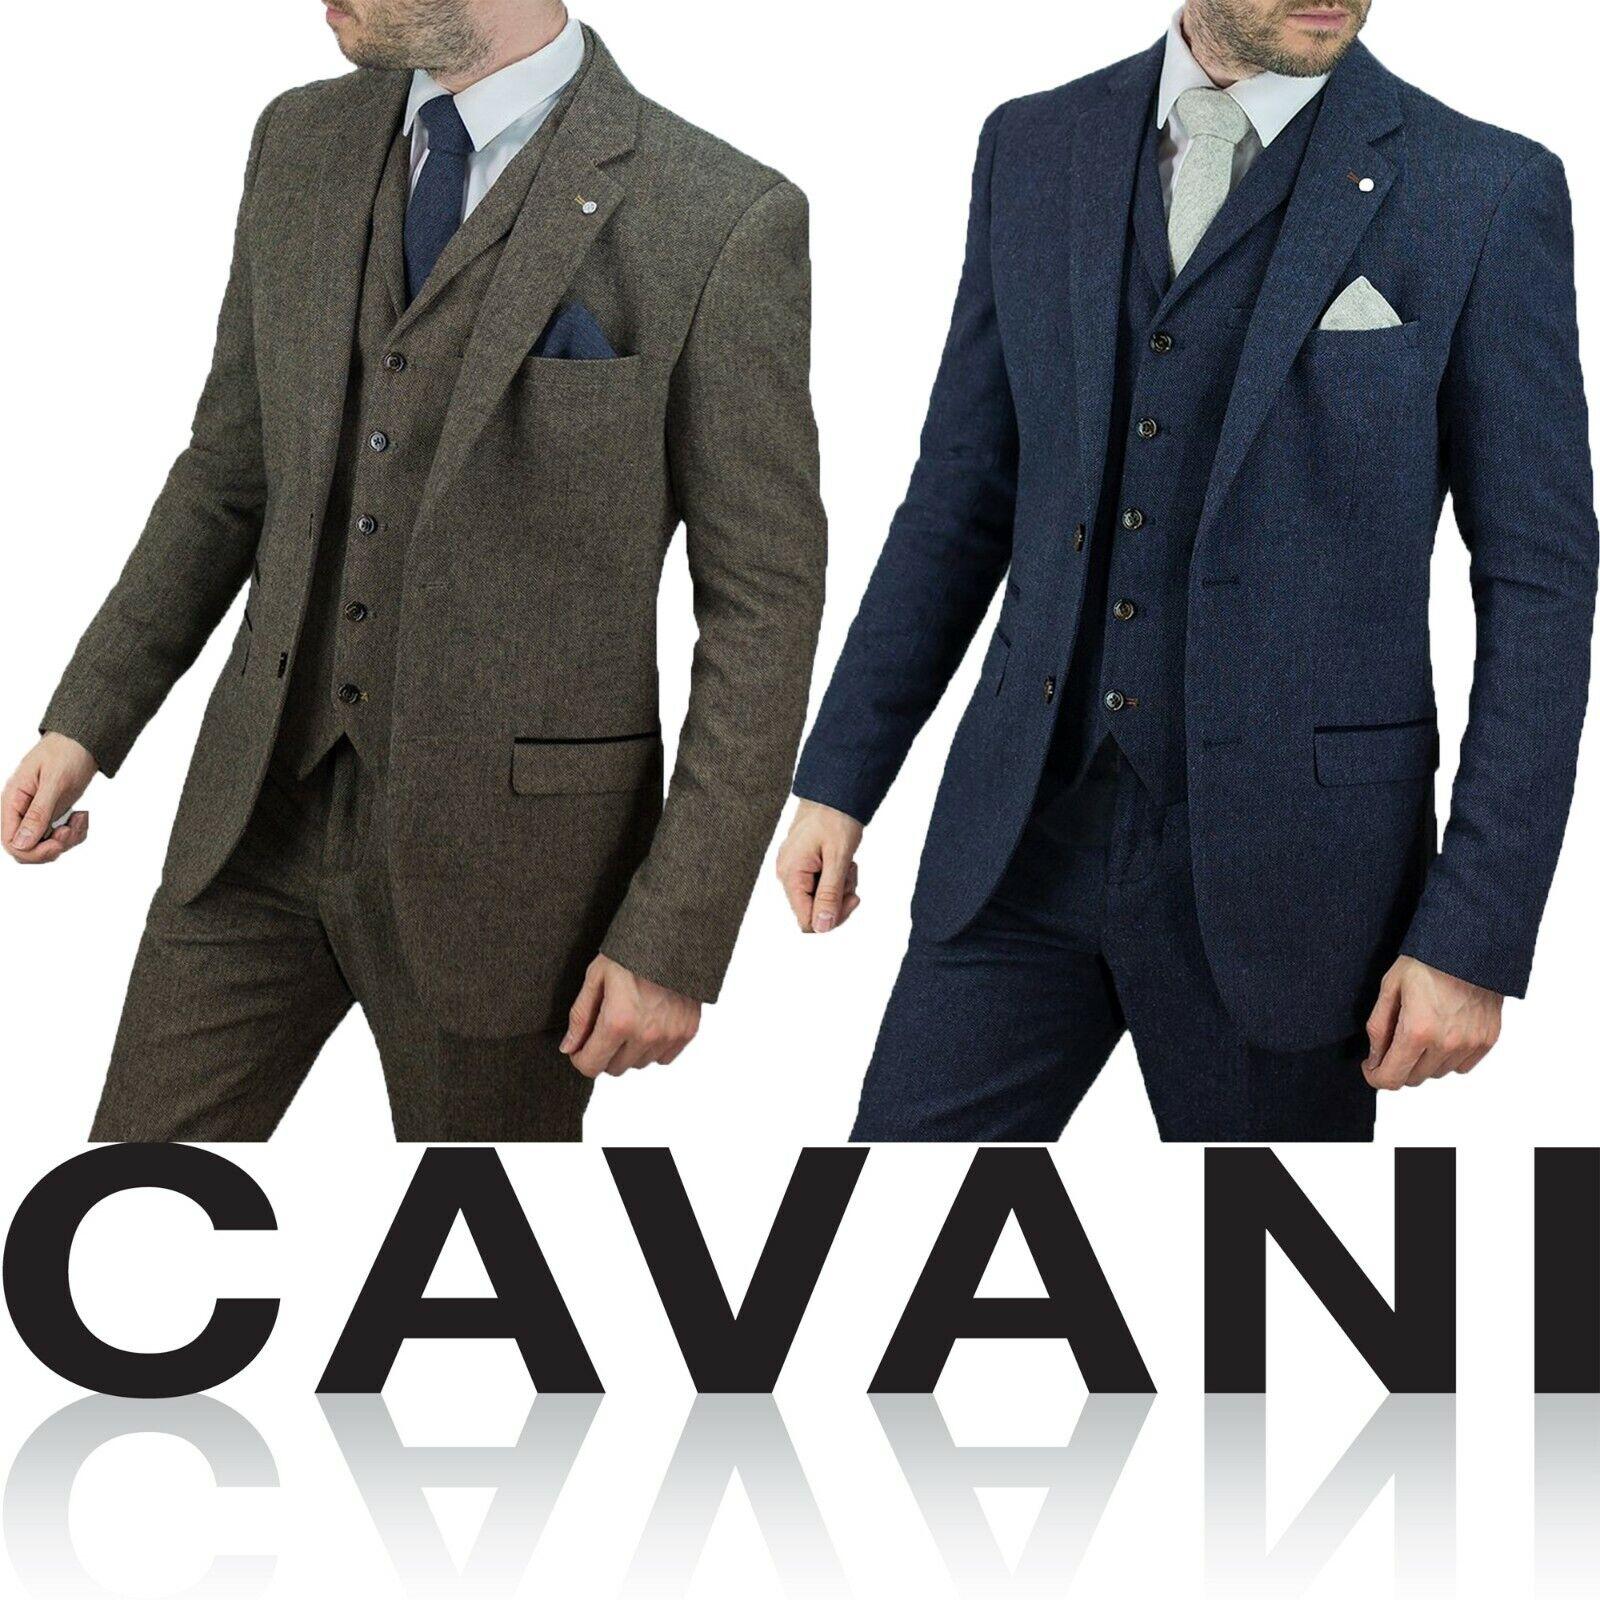 b78c2021 Mens Wool Tweed Peaky Blinders Wedding 3 Piece Suit Tailored Fit Herringbone